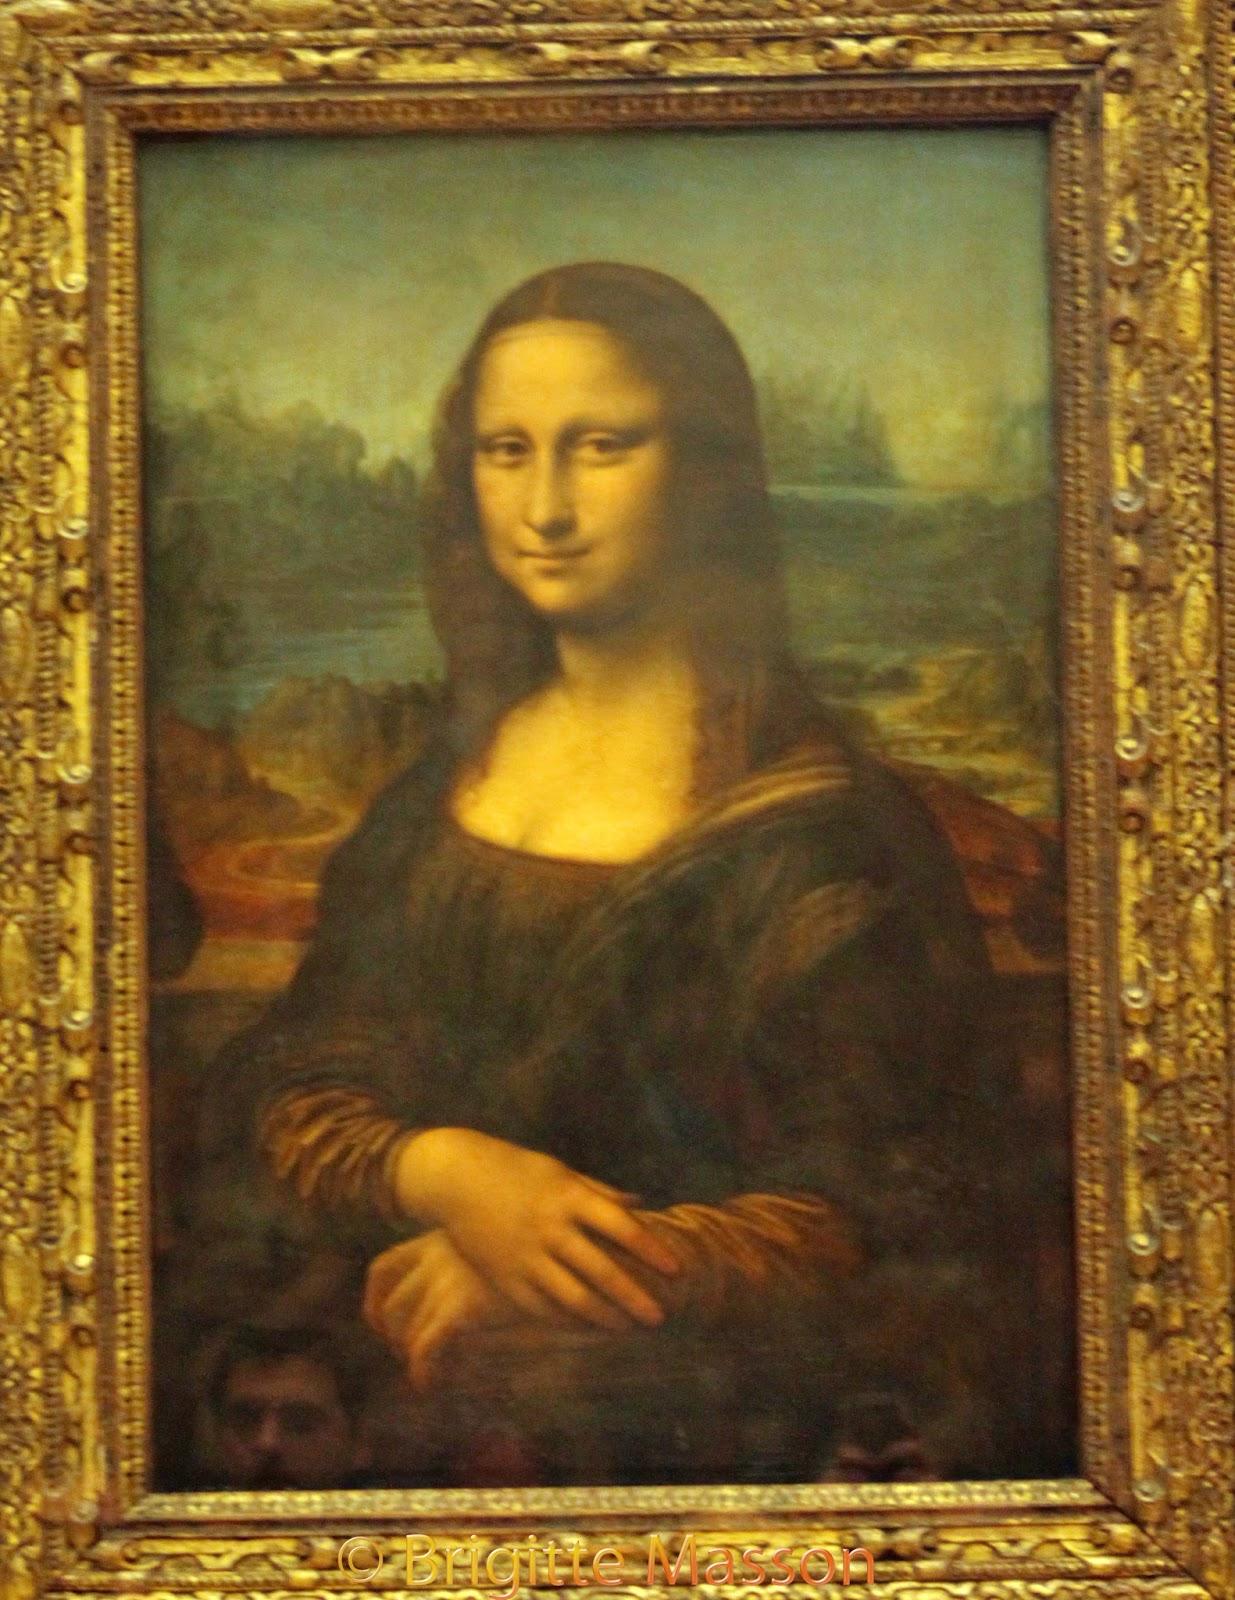 Le Radeau de La Méduse est une peinture  l huile sur toile réalisée entre 1818 et 1819 par le peintre et lithographe romantique fran§ais Théodore